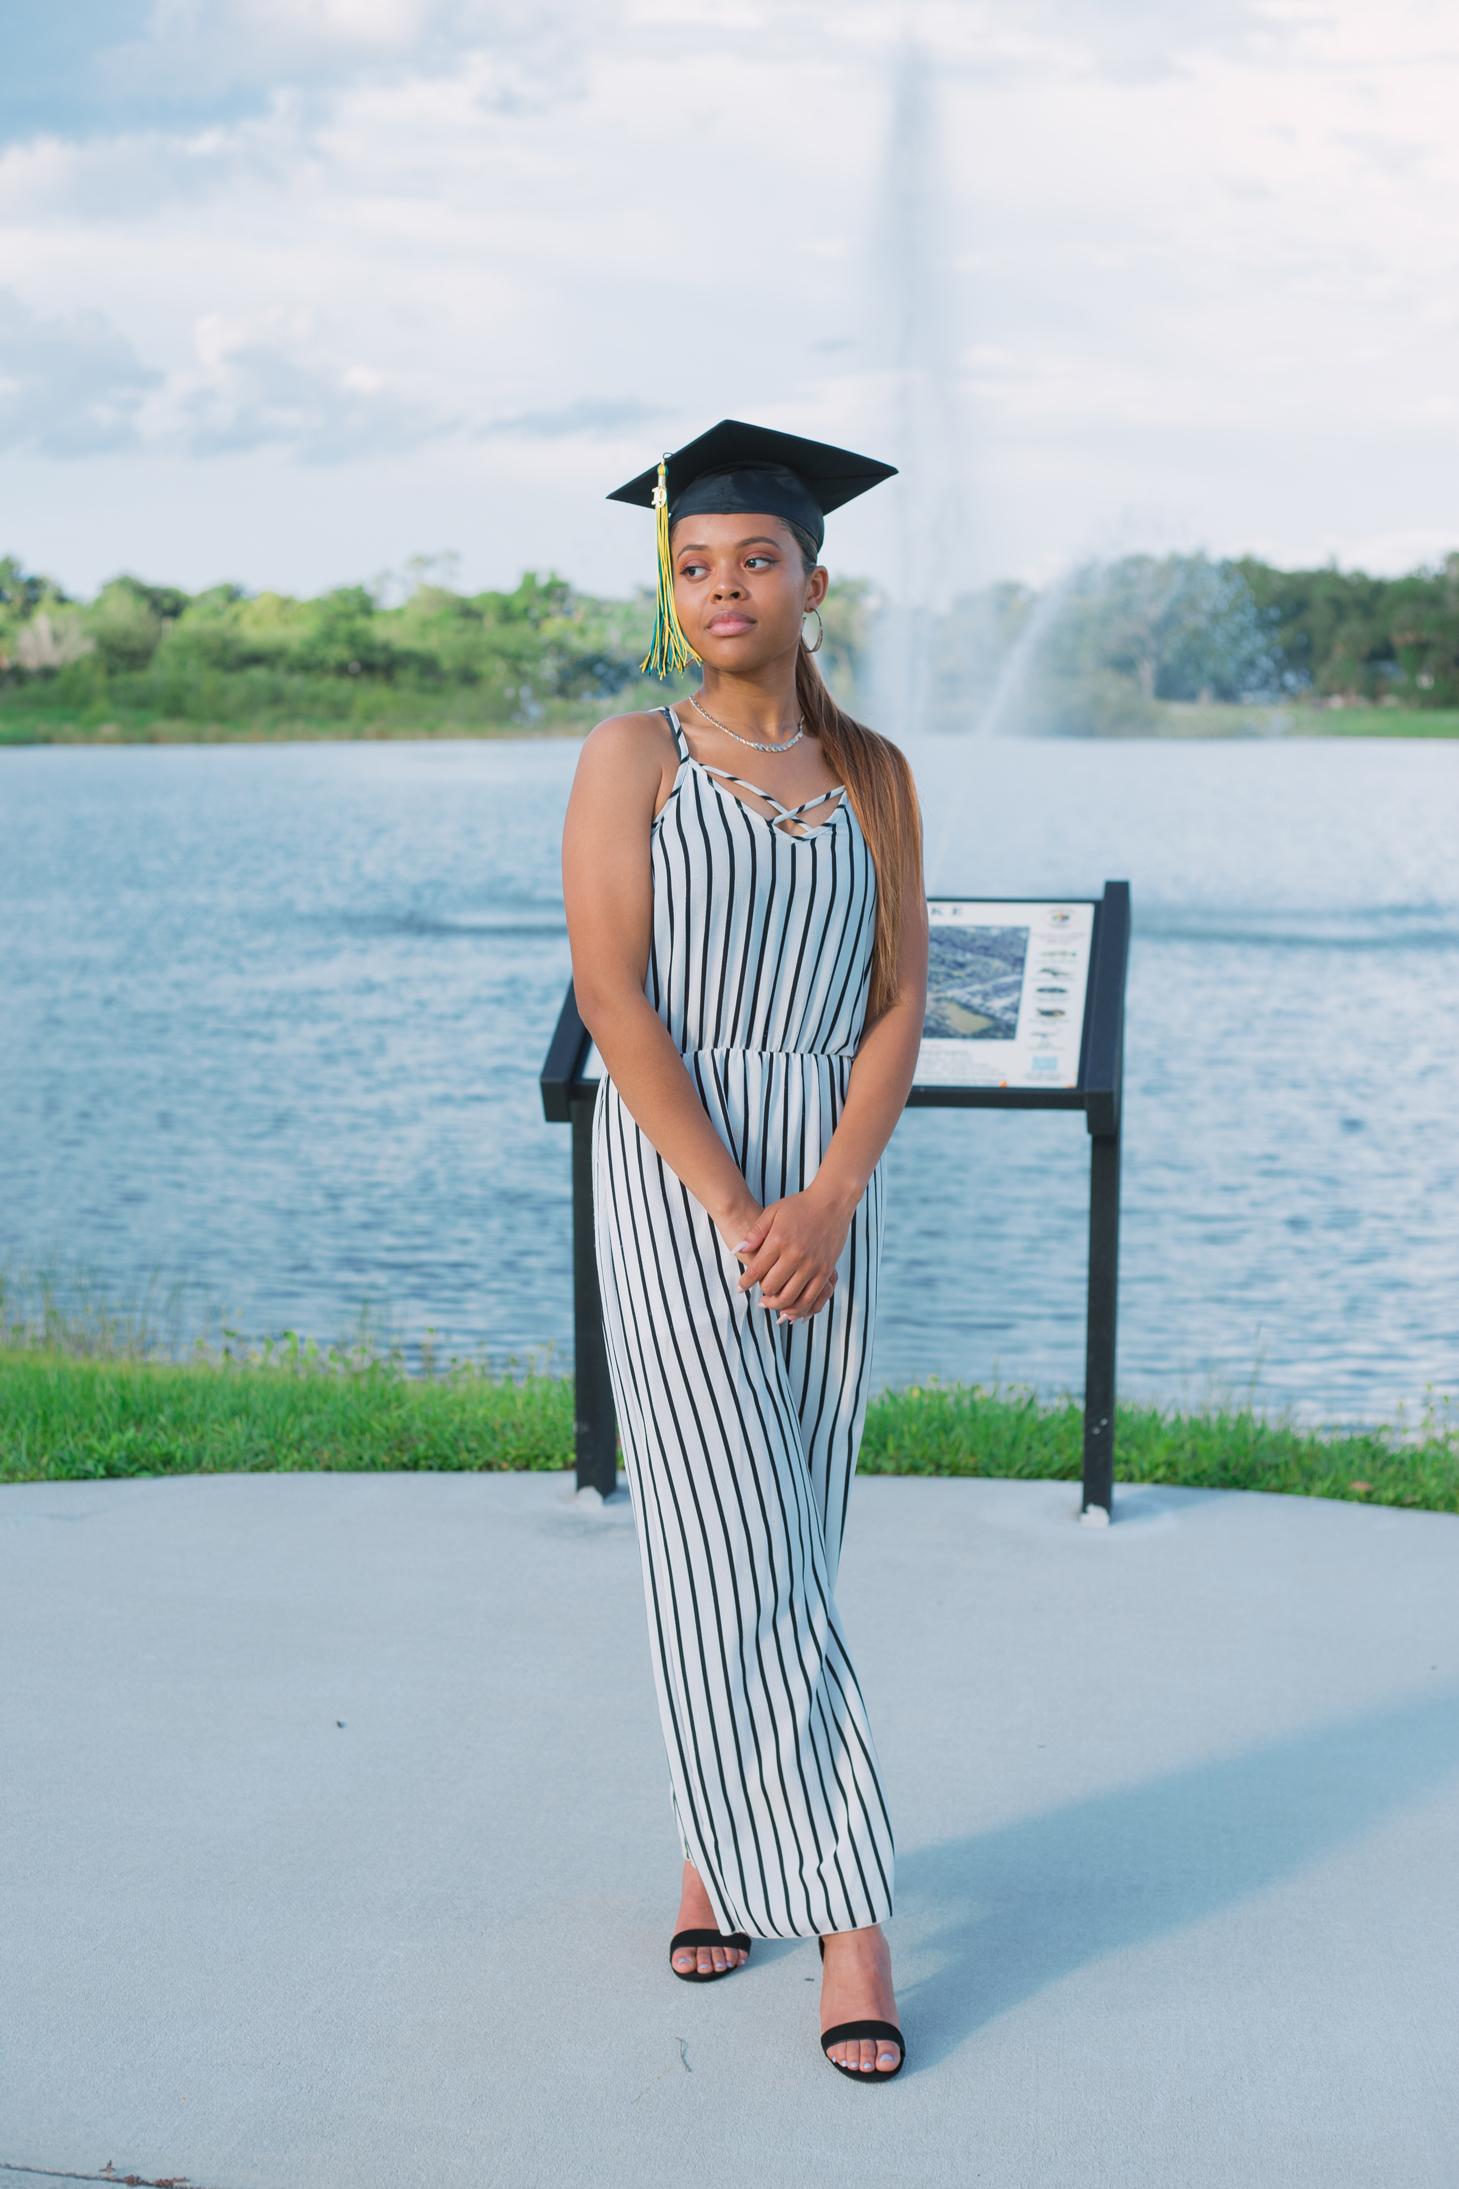 deltona-graduation-senior-photos-chamber-hart-photography-5.jpg